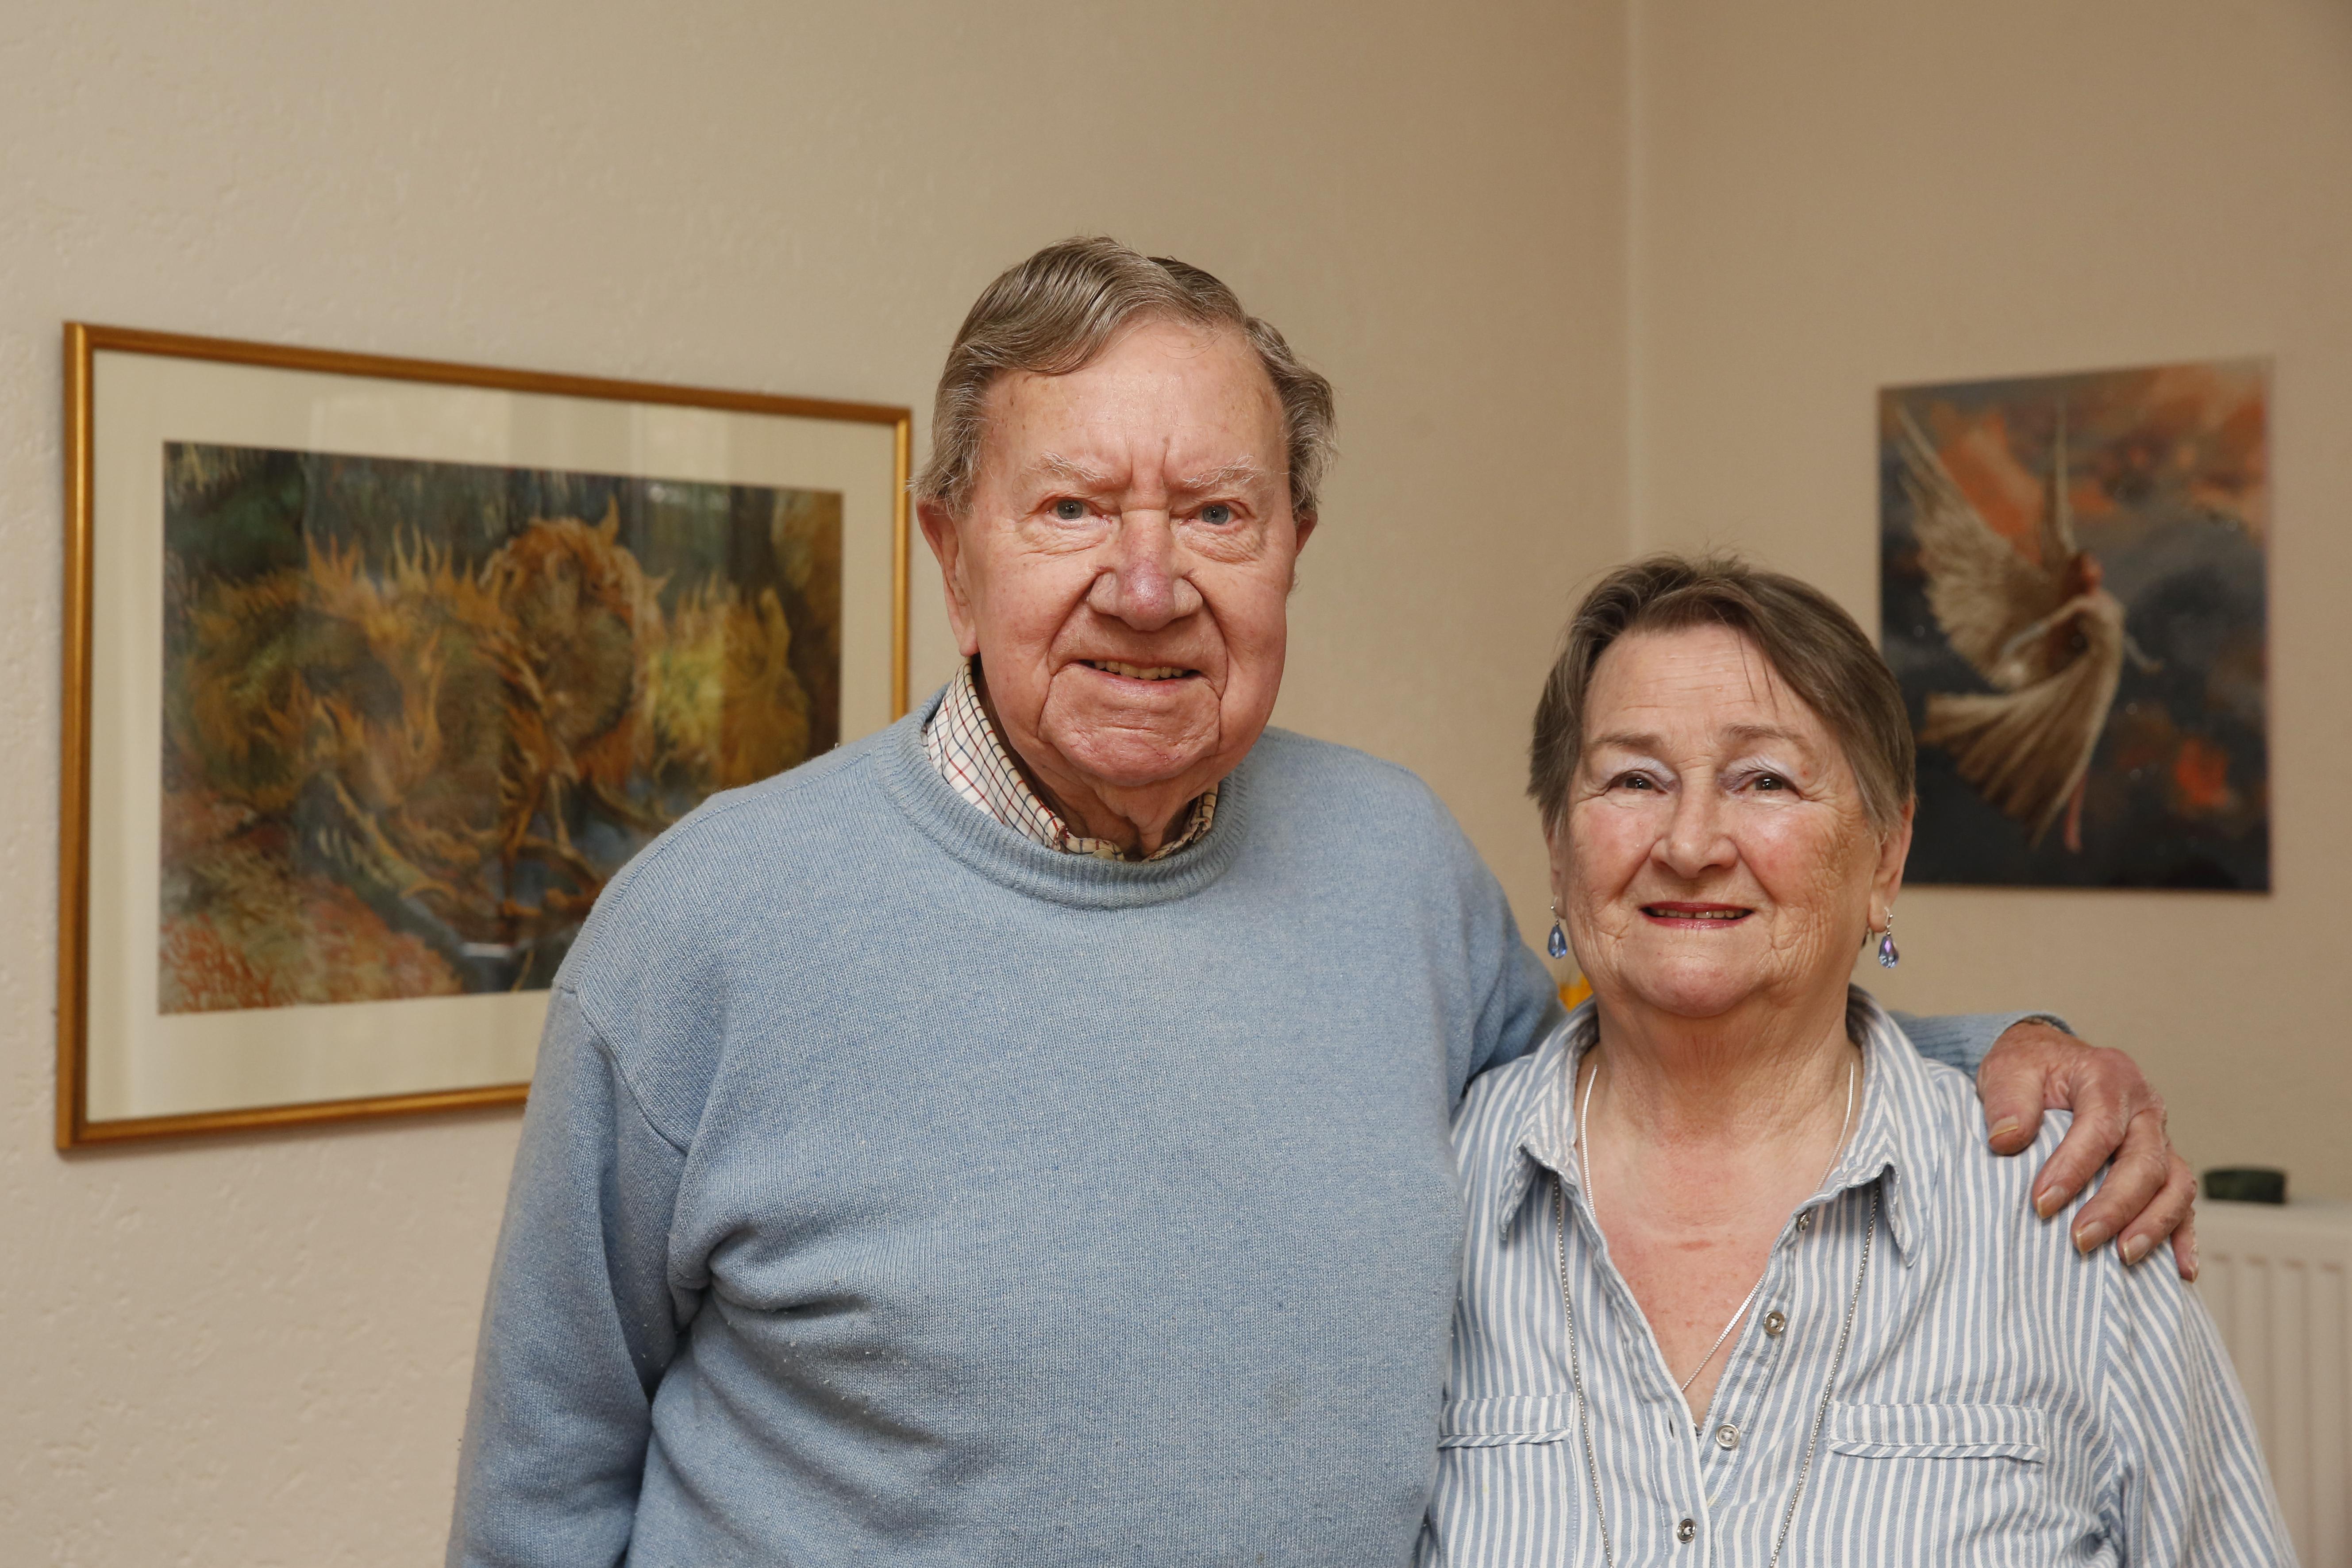 'We maken nooit ruzie': Nel (83) en Jaap (85) Krijnen uit Bussum verklappen het succes van hun diamanten huwelijk